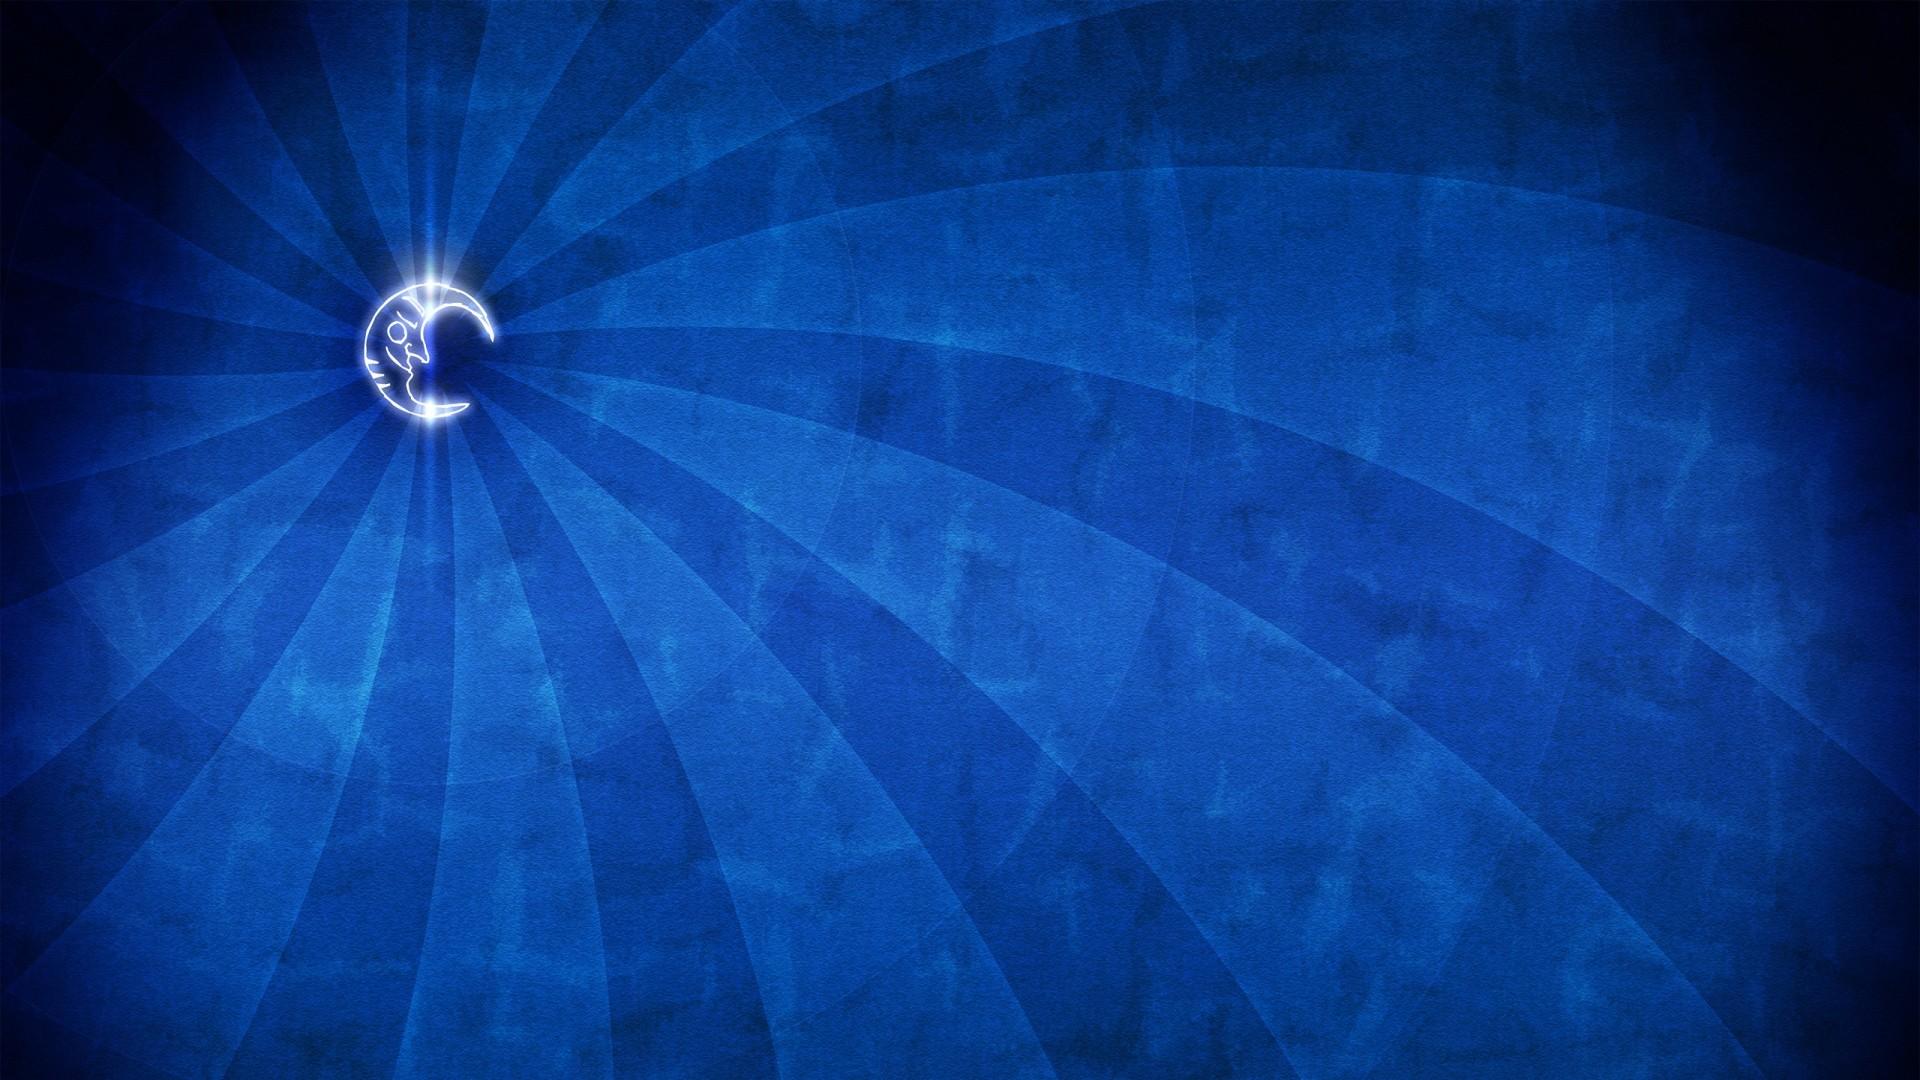 Wallpaper blue, minimalism, moon